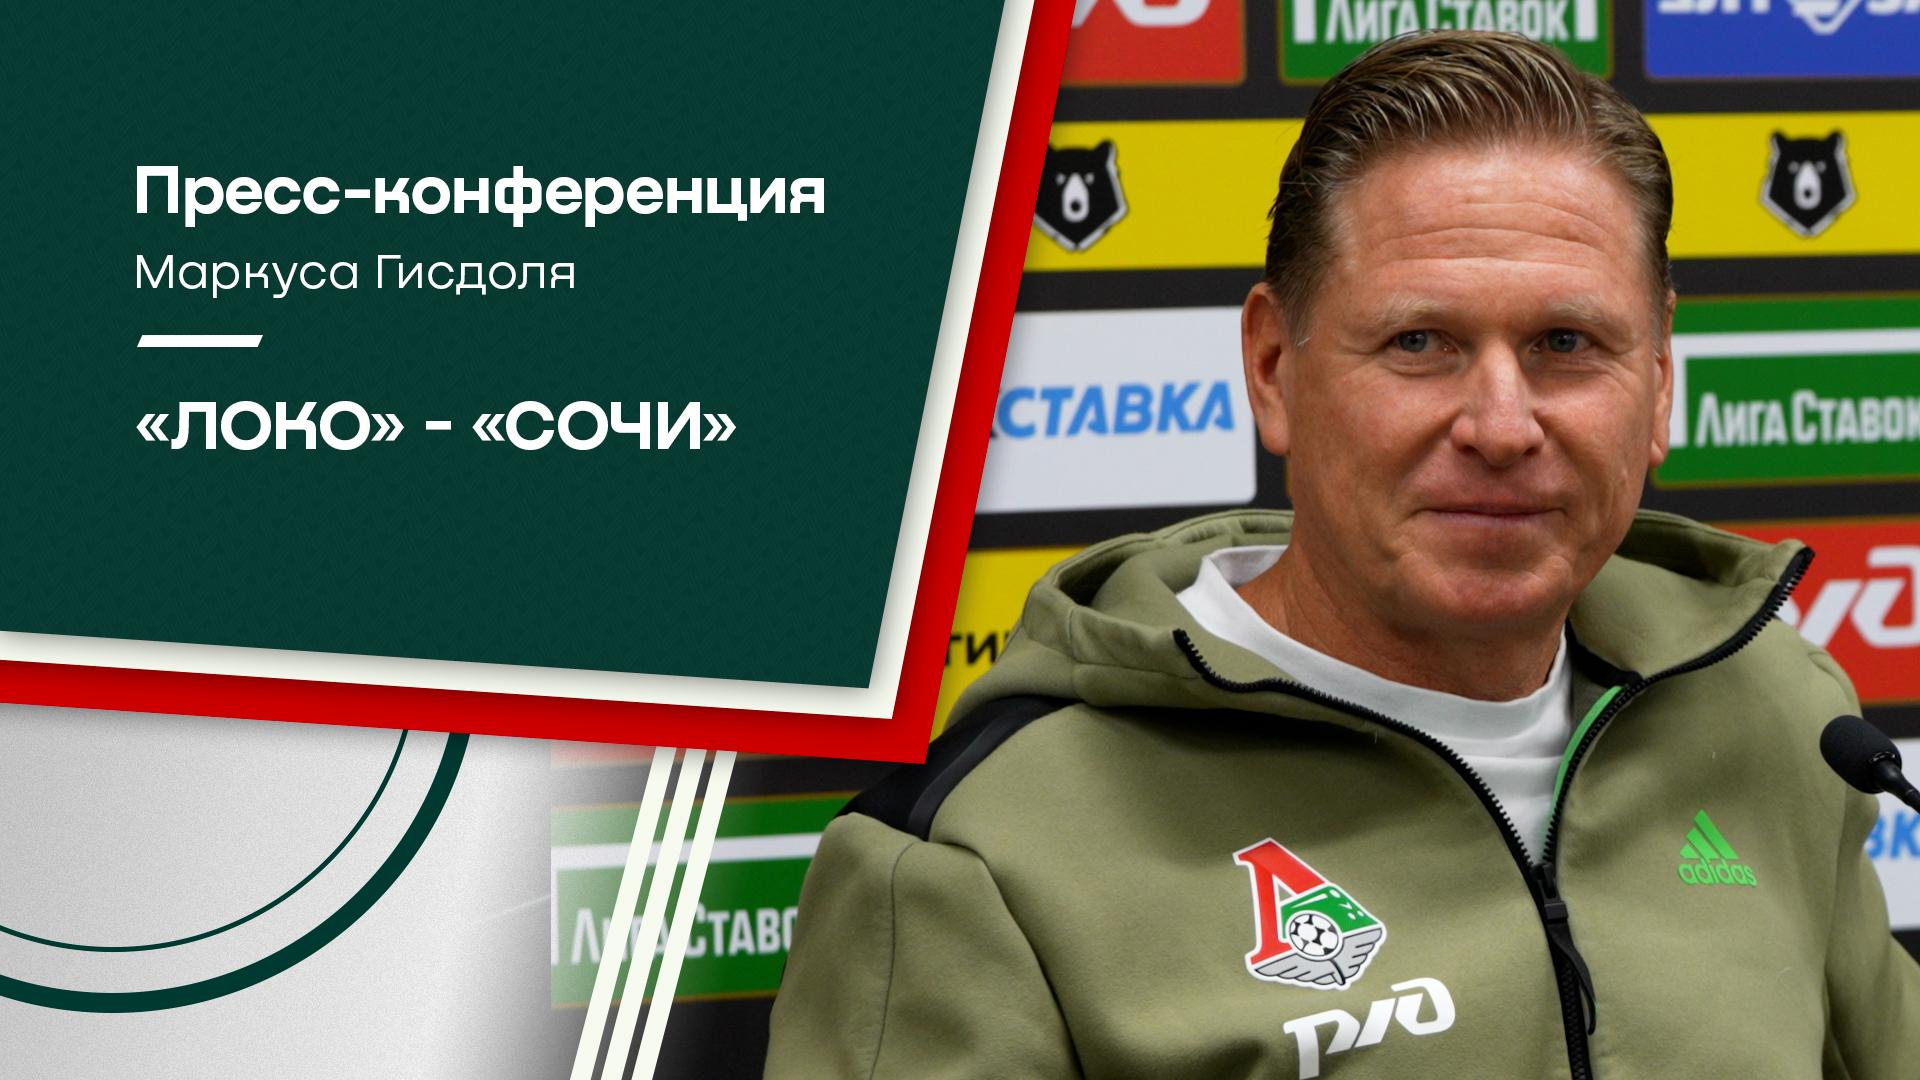 Пресс-конференция Маркуса Гисдоля после матча с «Сочи»